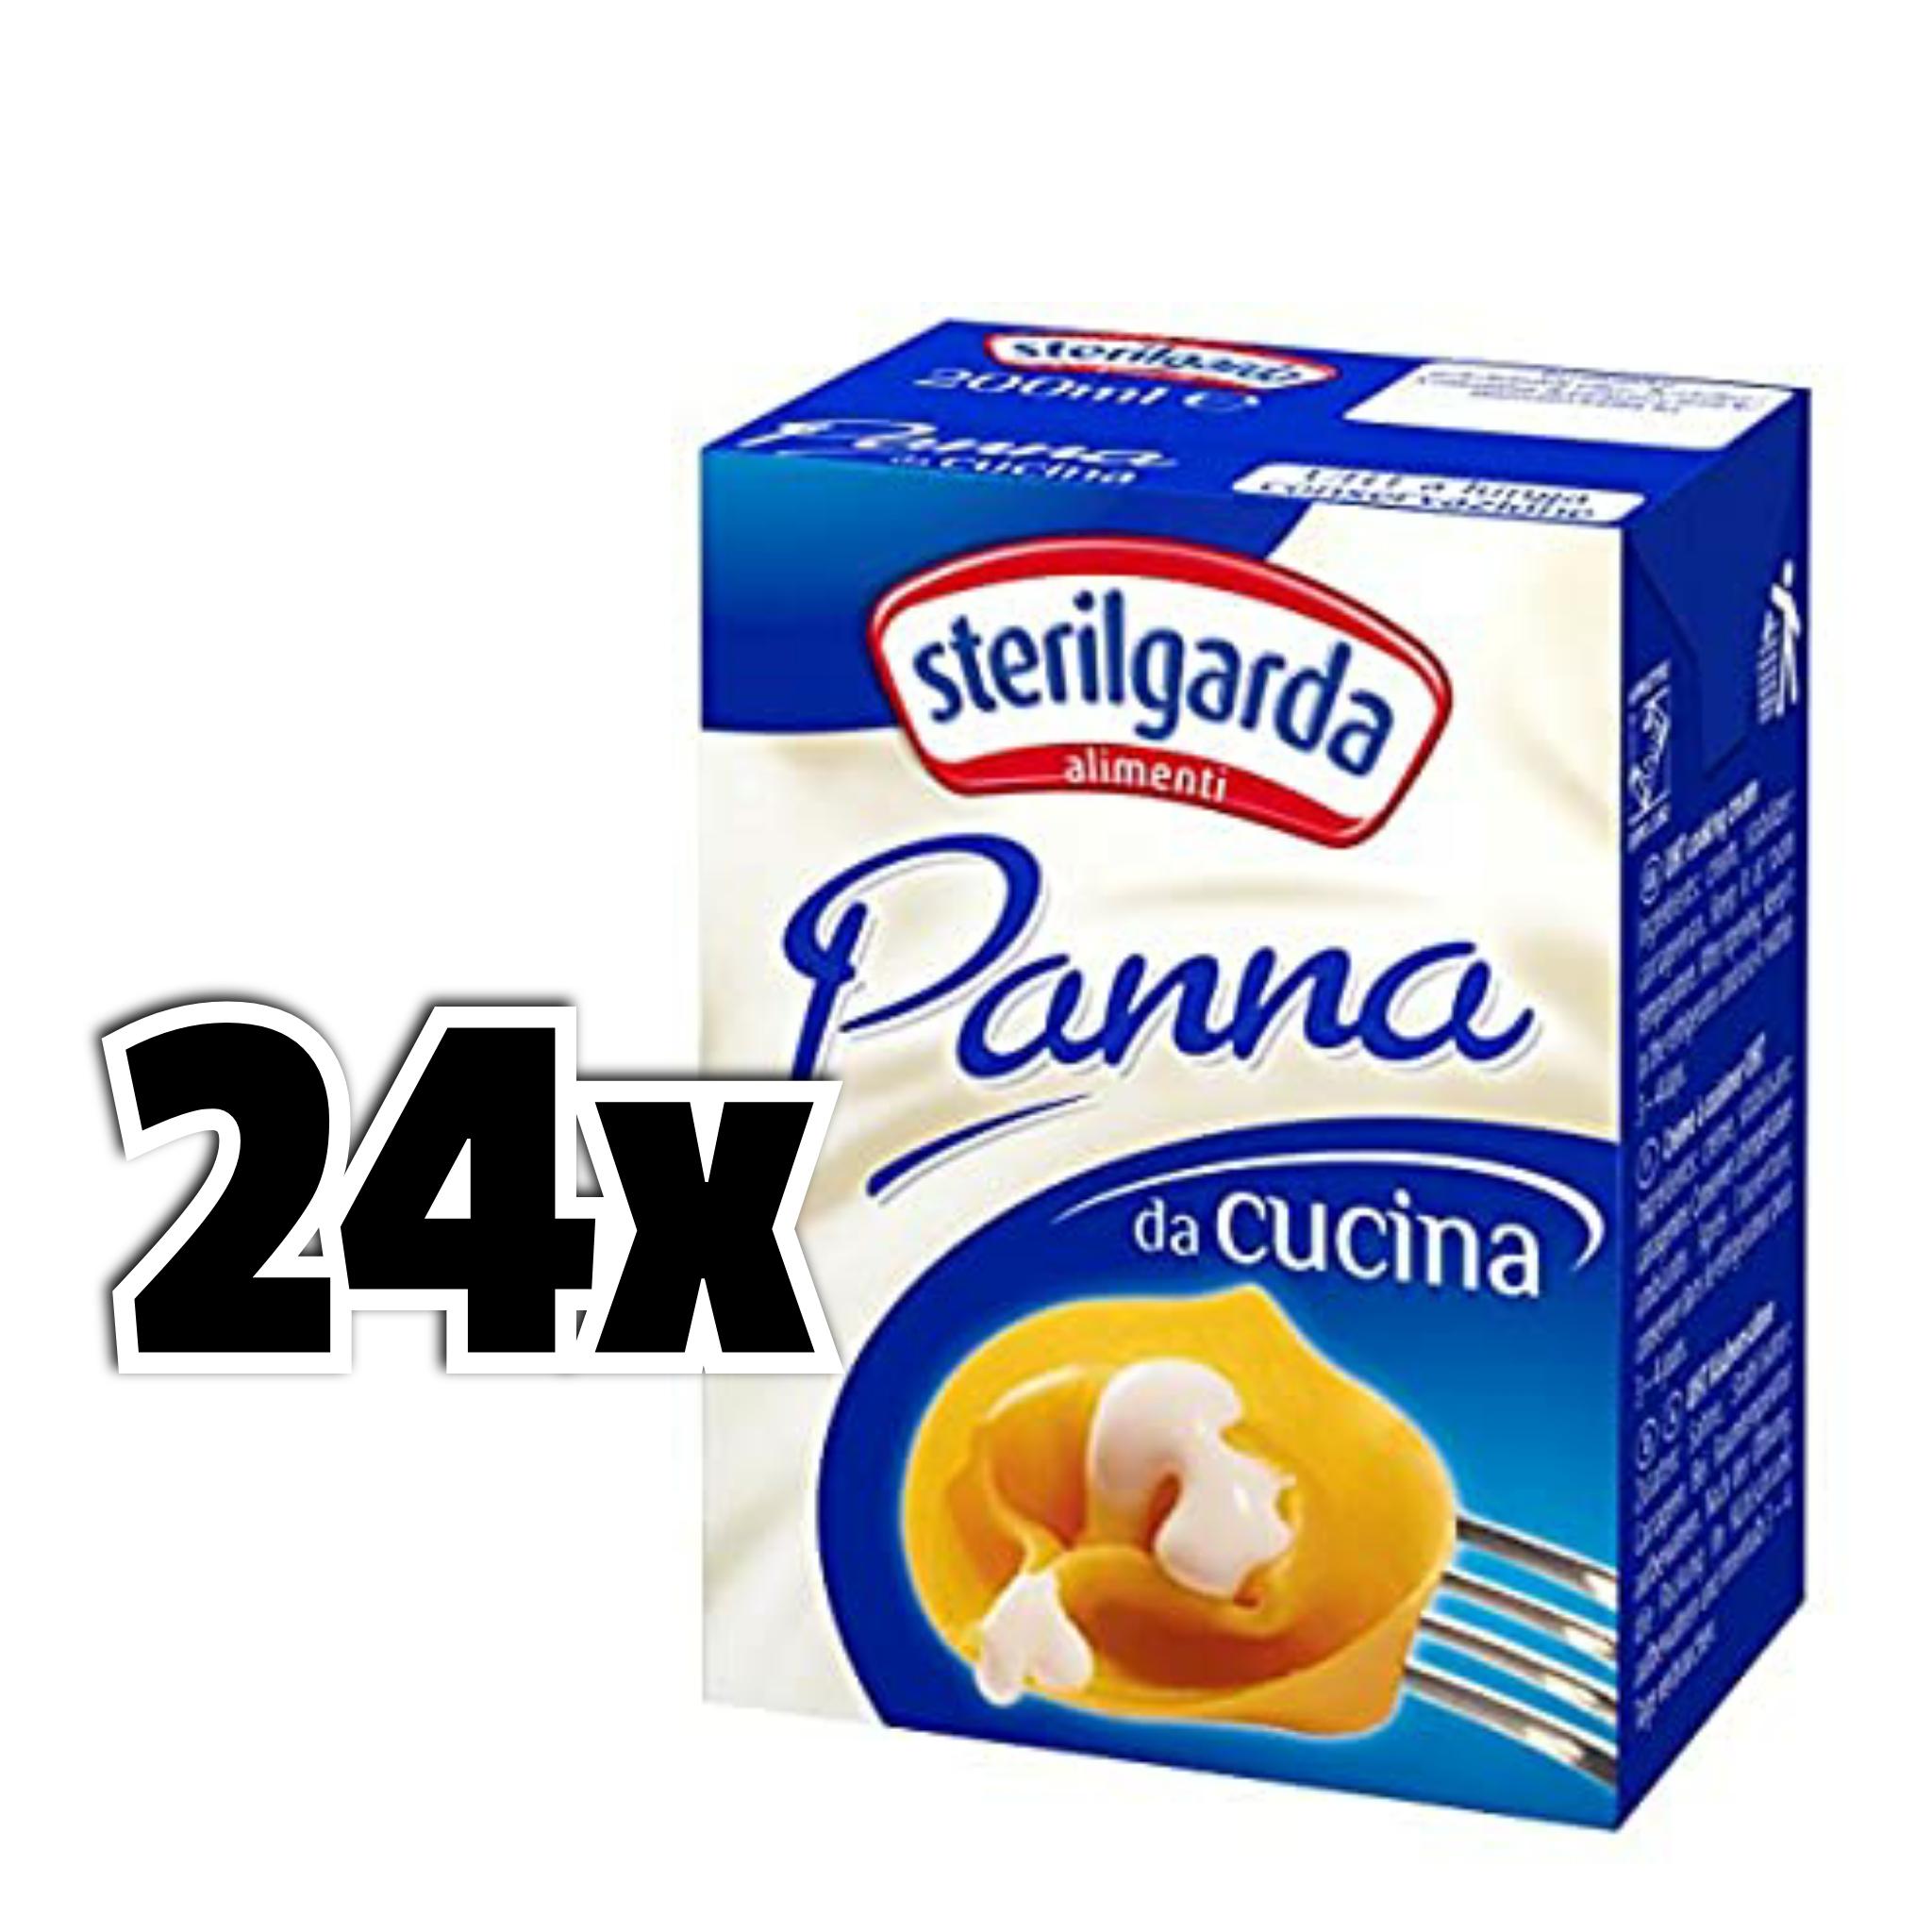 24x 200 ml Sterilgarda Panna da Cucina